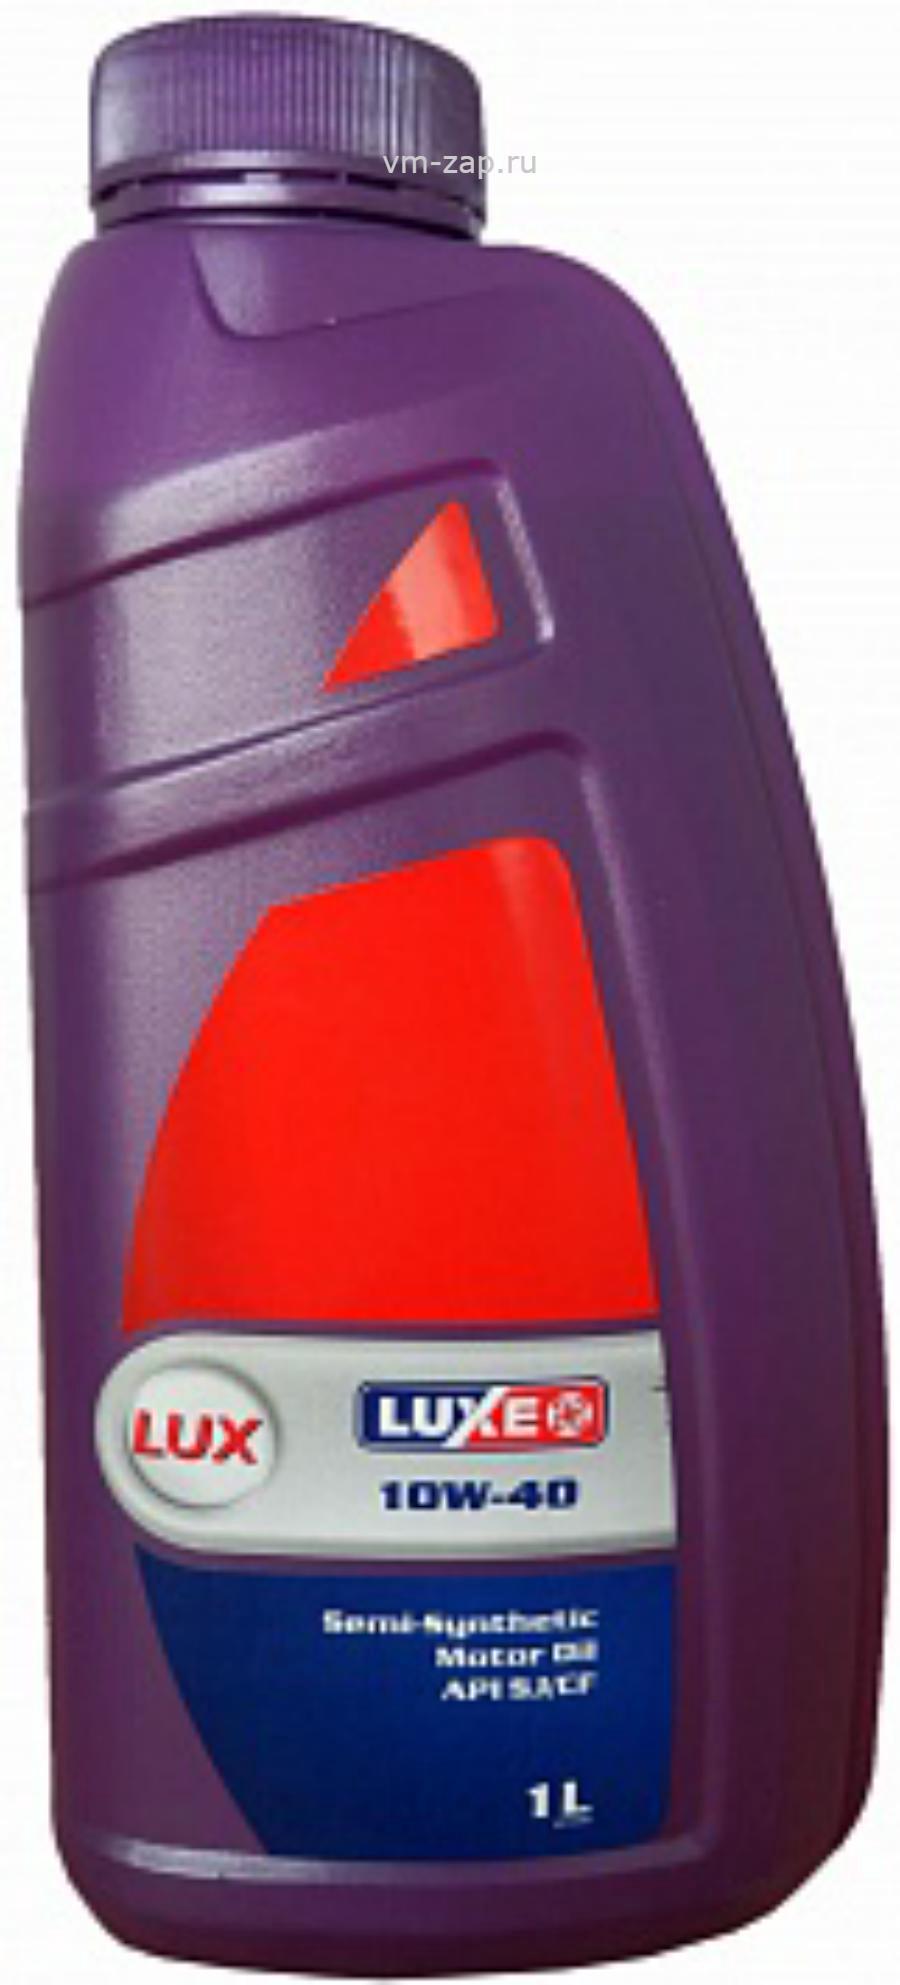 Масло моторное полусинтетическое Lux 10W-40, 1л